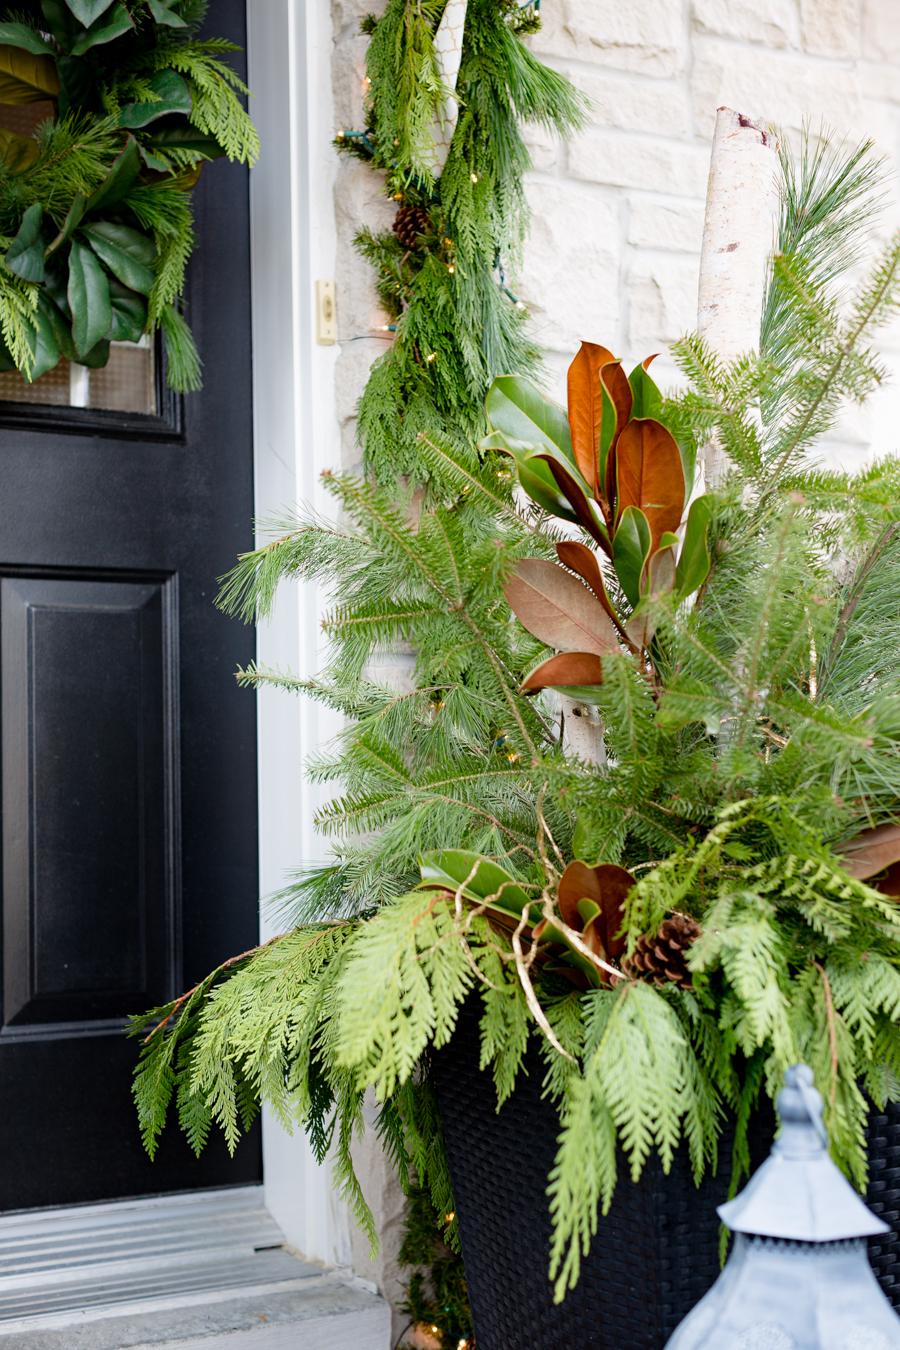 Tipps für eine herrliche Weihnachtsdeko draußen: Zieren Sie die Blumentöpfe auf der Veranda